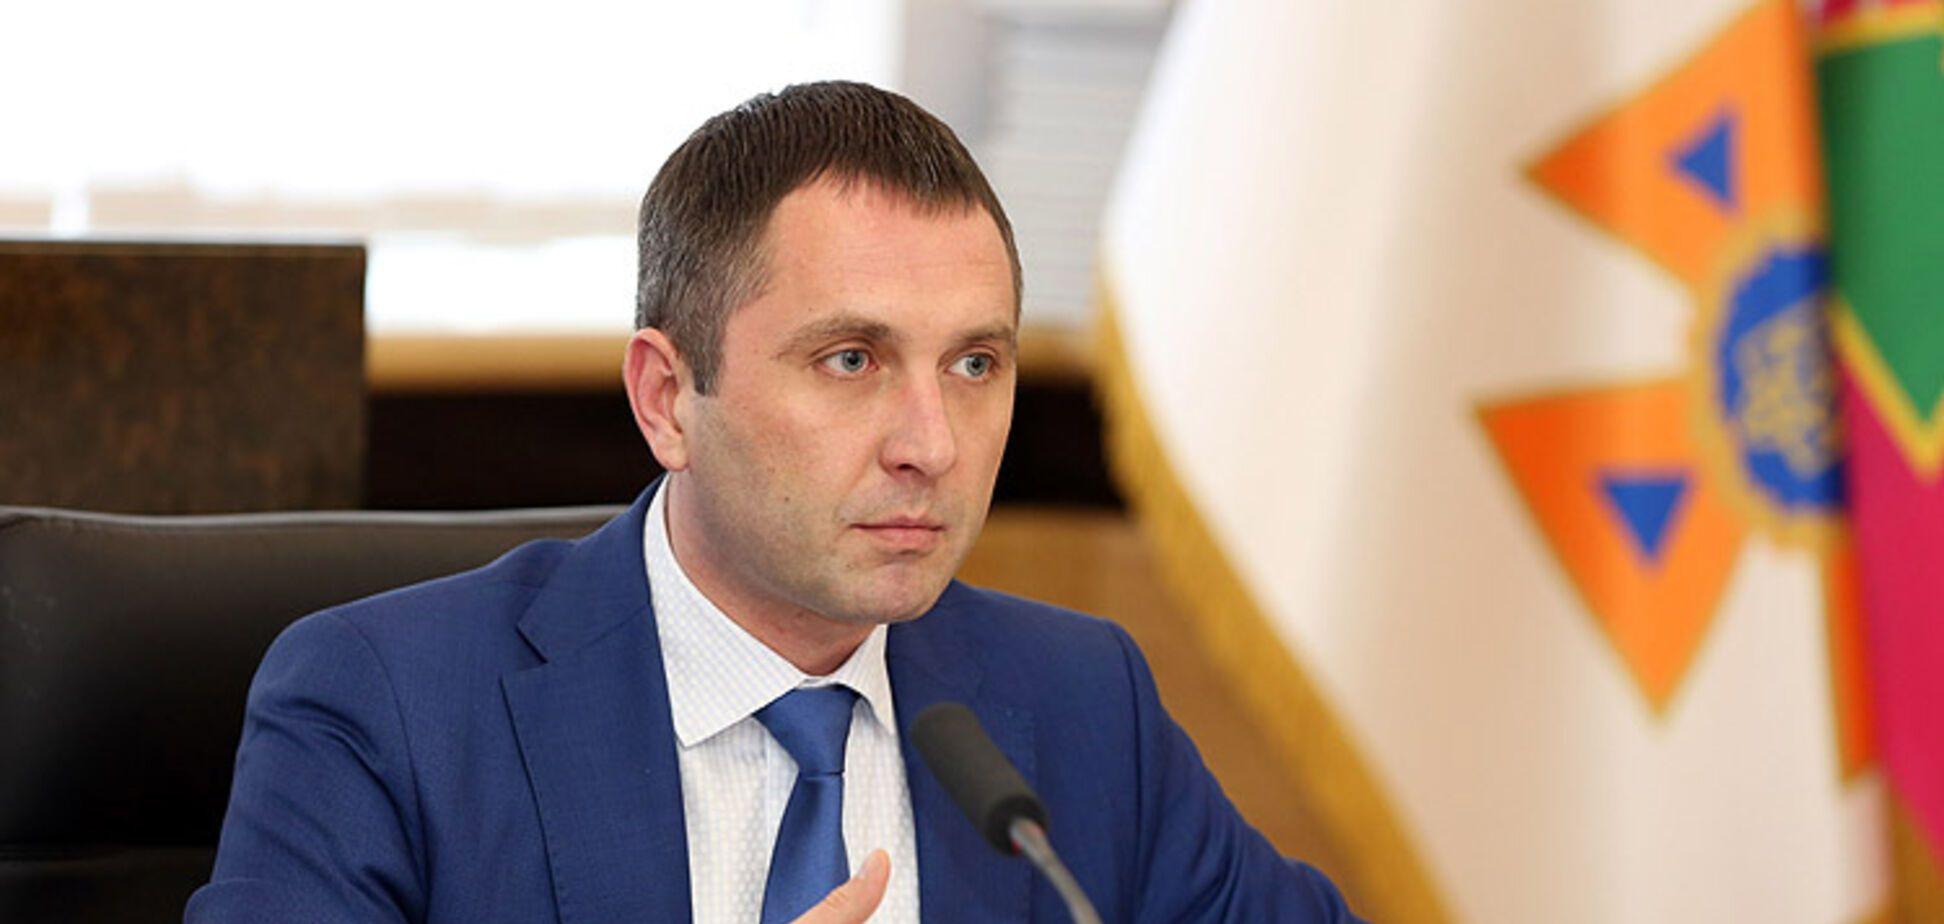 Юрий Лавренюк: 5% Дорожного фонда пойдет на меры безопасности на транспорте